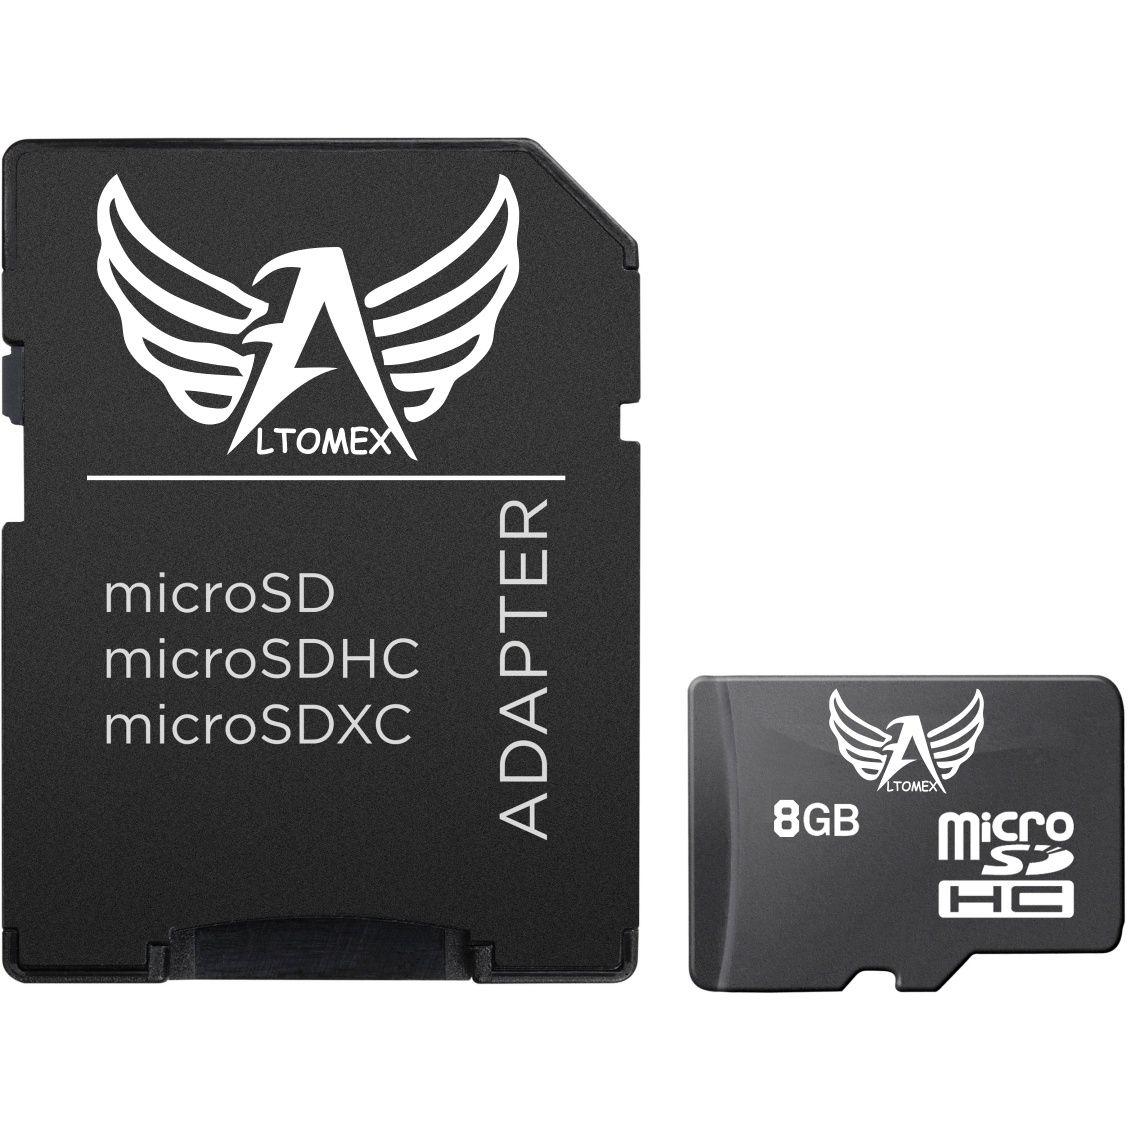 Micro SD | 8GB | Altomex AL-MO-8